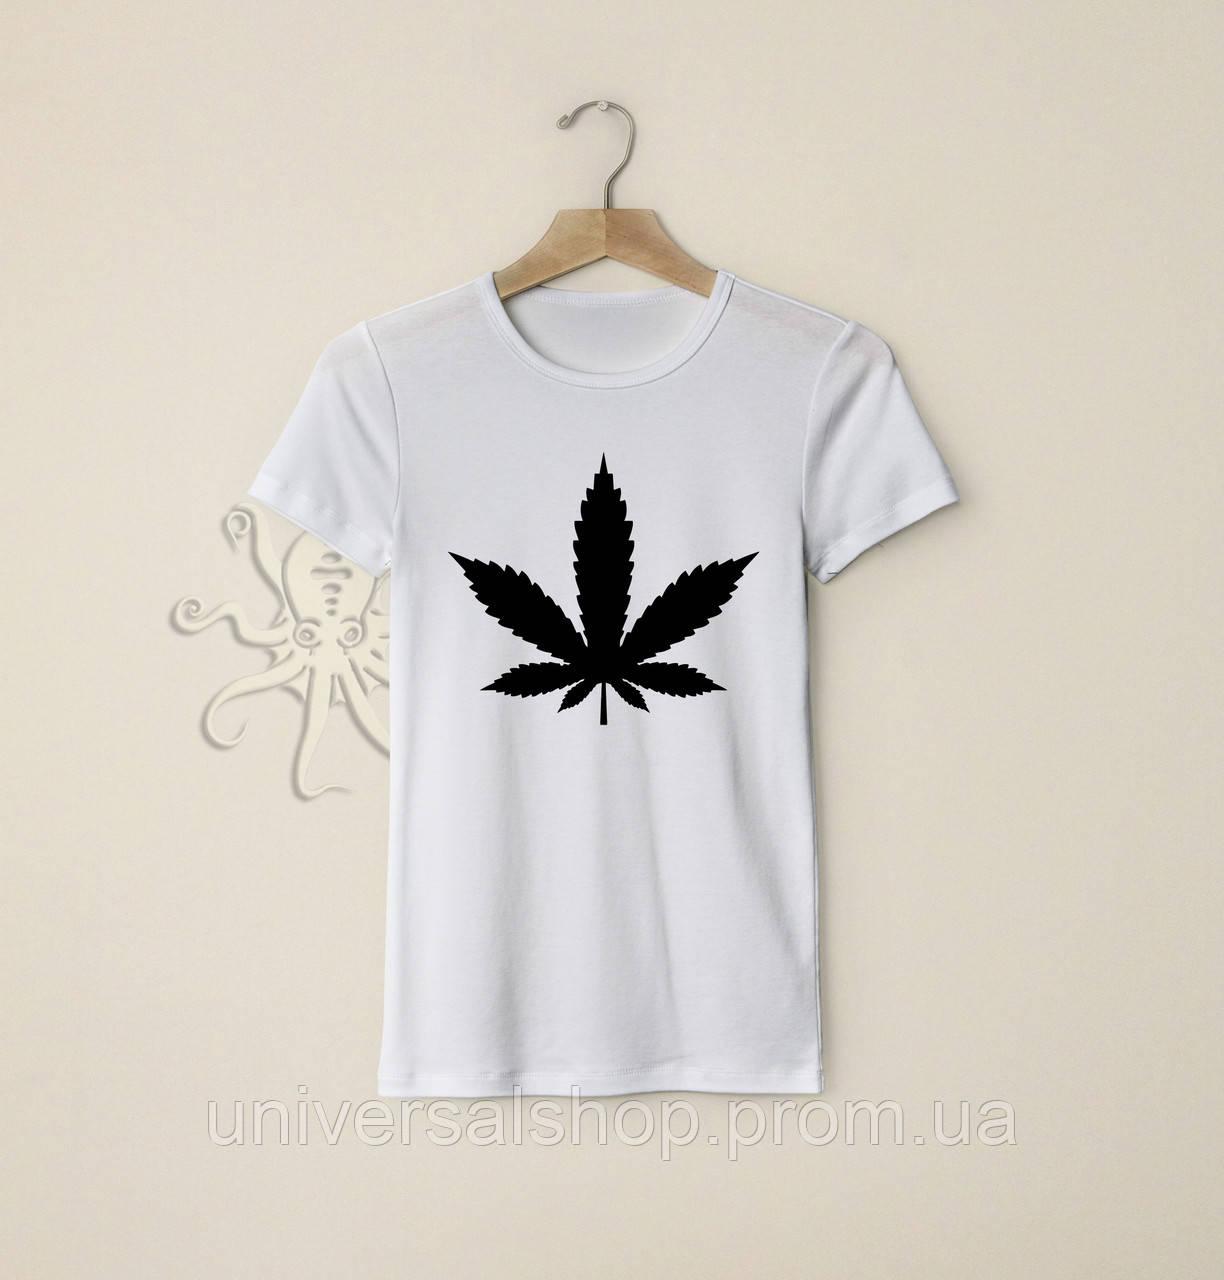 Магазин футболки конопля карта с марихуаной